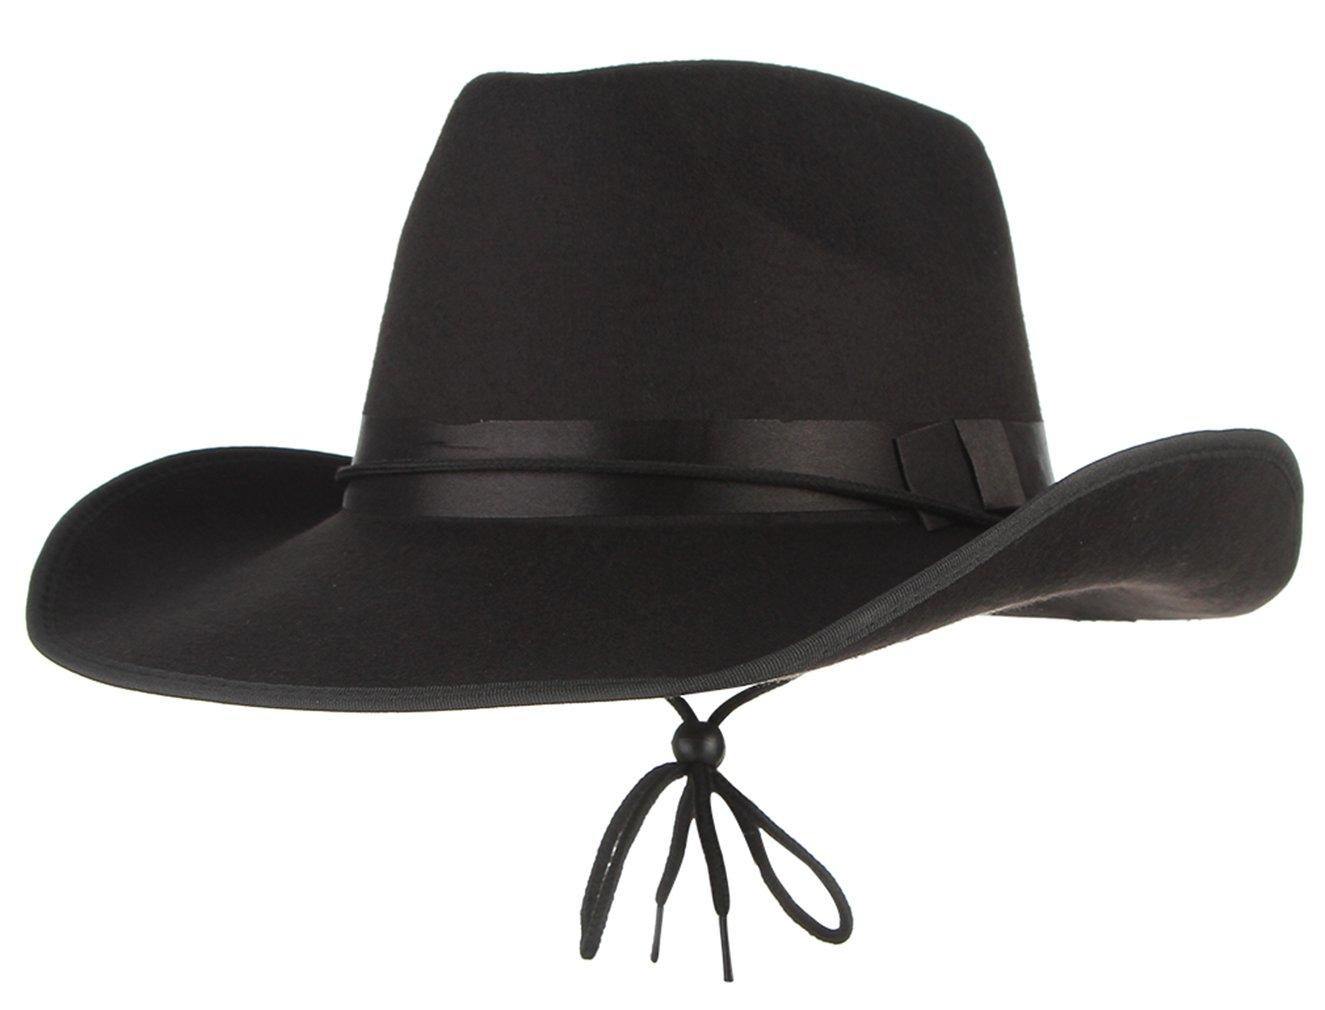 La Vogue-Retro Cappello da Cowboy Uomo Berretto Texano Uomoni Camperos  Accesori per Travestimento 673ee7227259